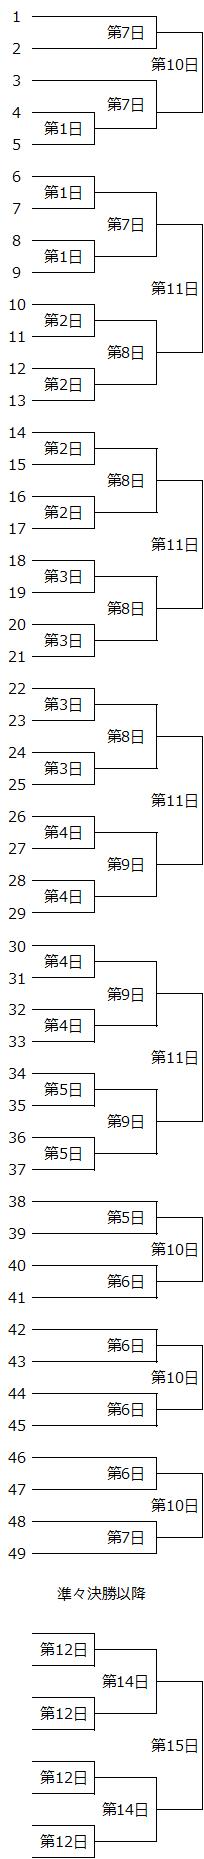 現行大会のトーナメント表